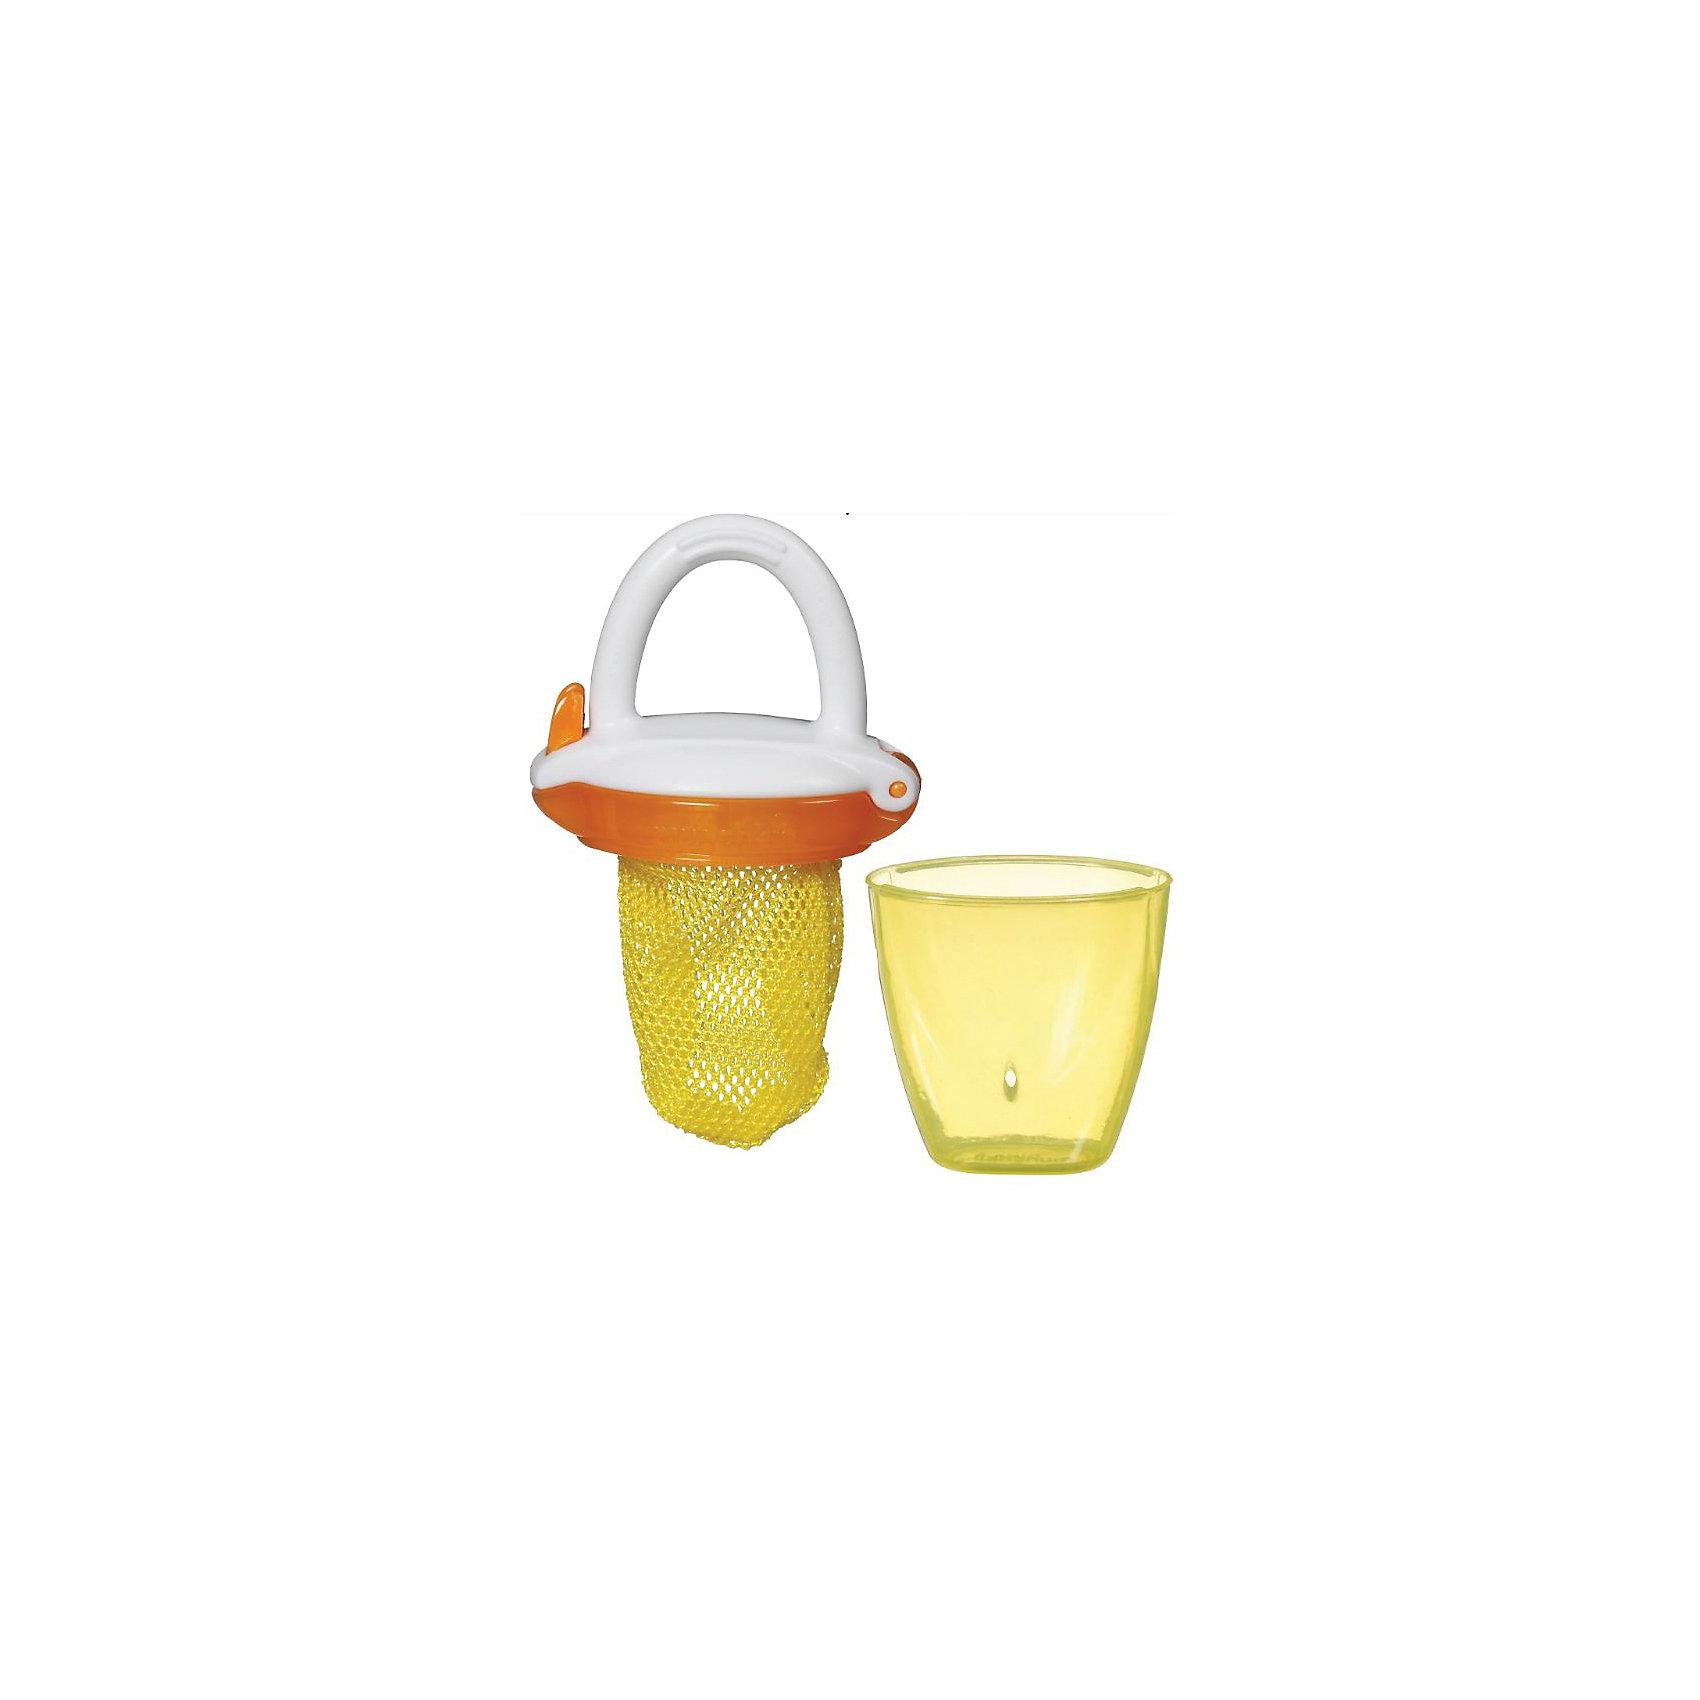 Ниблер Deluxe, Munchkin, желтыйНиблер Deluxe, Munchkin, желтый<br><br>Характеристики:<br><br>• Цвет: желтый<br>• Материал: пластик<br>• Не содержит бисфенол А<br>• От 6 месяцев<br><br>Красивый и полностью безопасный ниблер сделан из качественных материалов, которые не содержат вредных веществ. Отлично подходят для введения прикорма: кусочков фруктов, овощей, печенья и даже мяса. Через специальную сеточку проходят лишь самые маленькие кусочки, что снижает риск подавиться. Кроме этого ниблер может послужить прорезывателем для зубов. Удобная ручка не выскальзывает из маленьких рук ребенка и помогает ему самостоятельно учиться кушать. Есть крышечка в комплекте. Ниблер легко чистить.<br><br>Ниблер Deluxe, Munchkin, желтый можно купить в нашем интернет-магазине.<br><br>Ширина мм: 50<br>Глубина мм: 200<br>Высота мм: 100<br>Вес г: 50<br>Возраст от месяцев: 6<br>Возраст до месяцев: 12<br>Пол: Унисекс<br>Возраст: Детский<br>SKU: 5101191